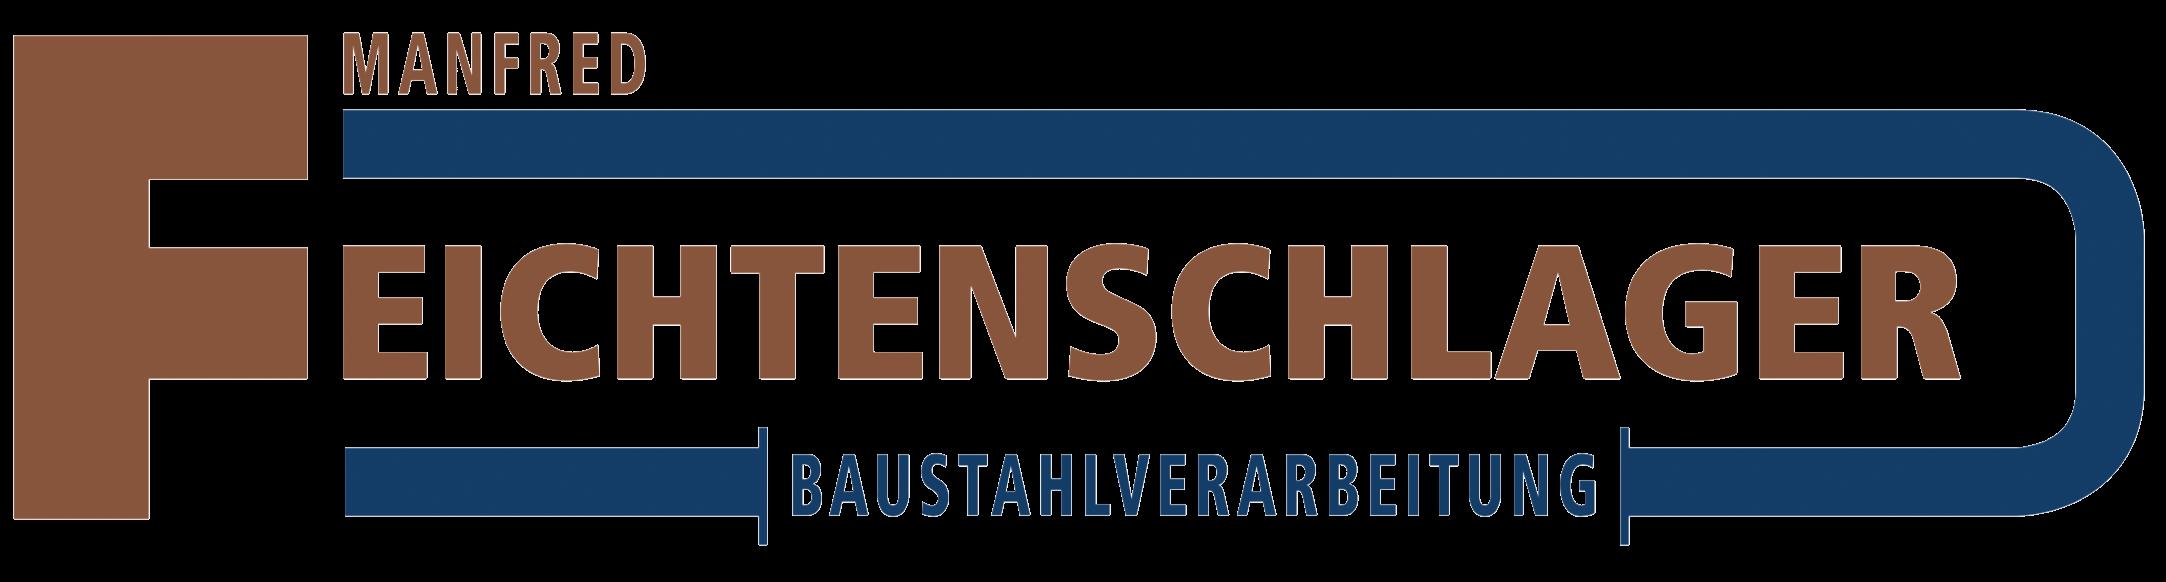 Manfred Feichtenschlager e.U. | Ihr  kompetenter und zuverlässiger Ansprechpartner für Baustahlverarbeitung und Baustahlverlegung aus St. Johann am Walde im Bezirk Braunau in Oberösterreich